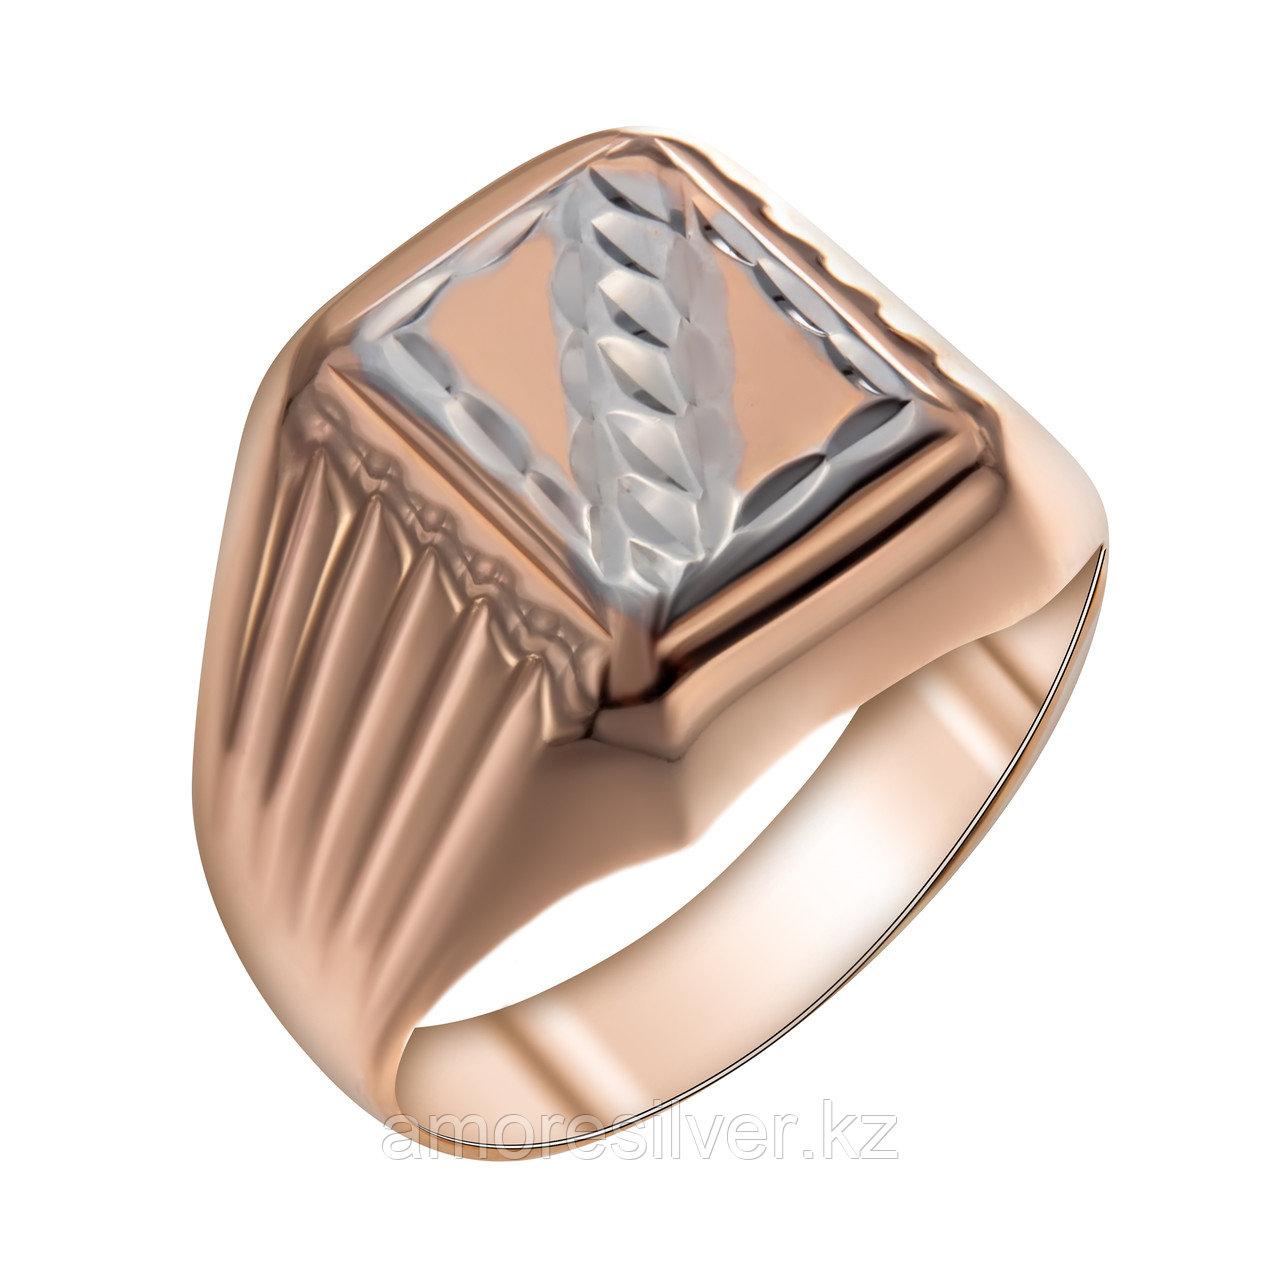 Кольцо Aquamarine серебро с позолотой 51278#